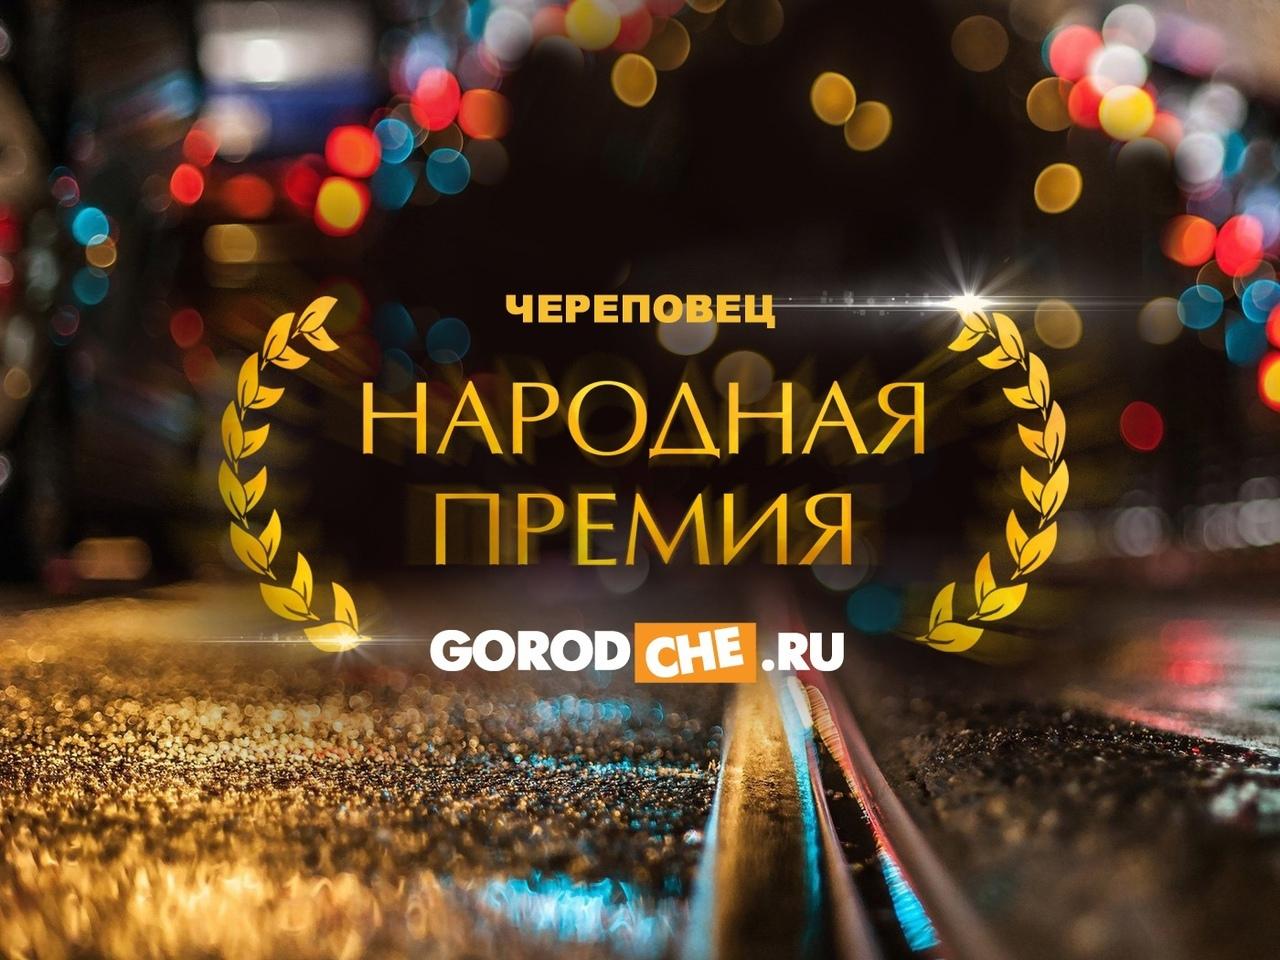 Народная премия Gorodche.ru 2021: официальные партнёры